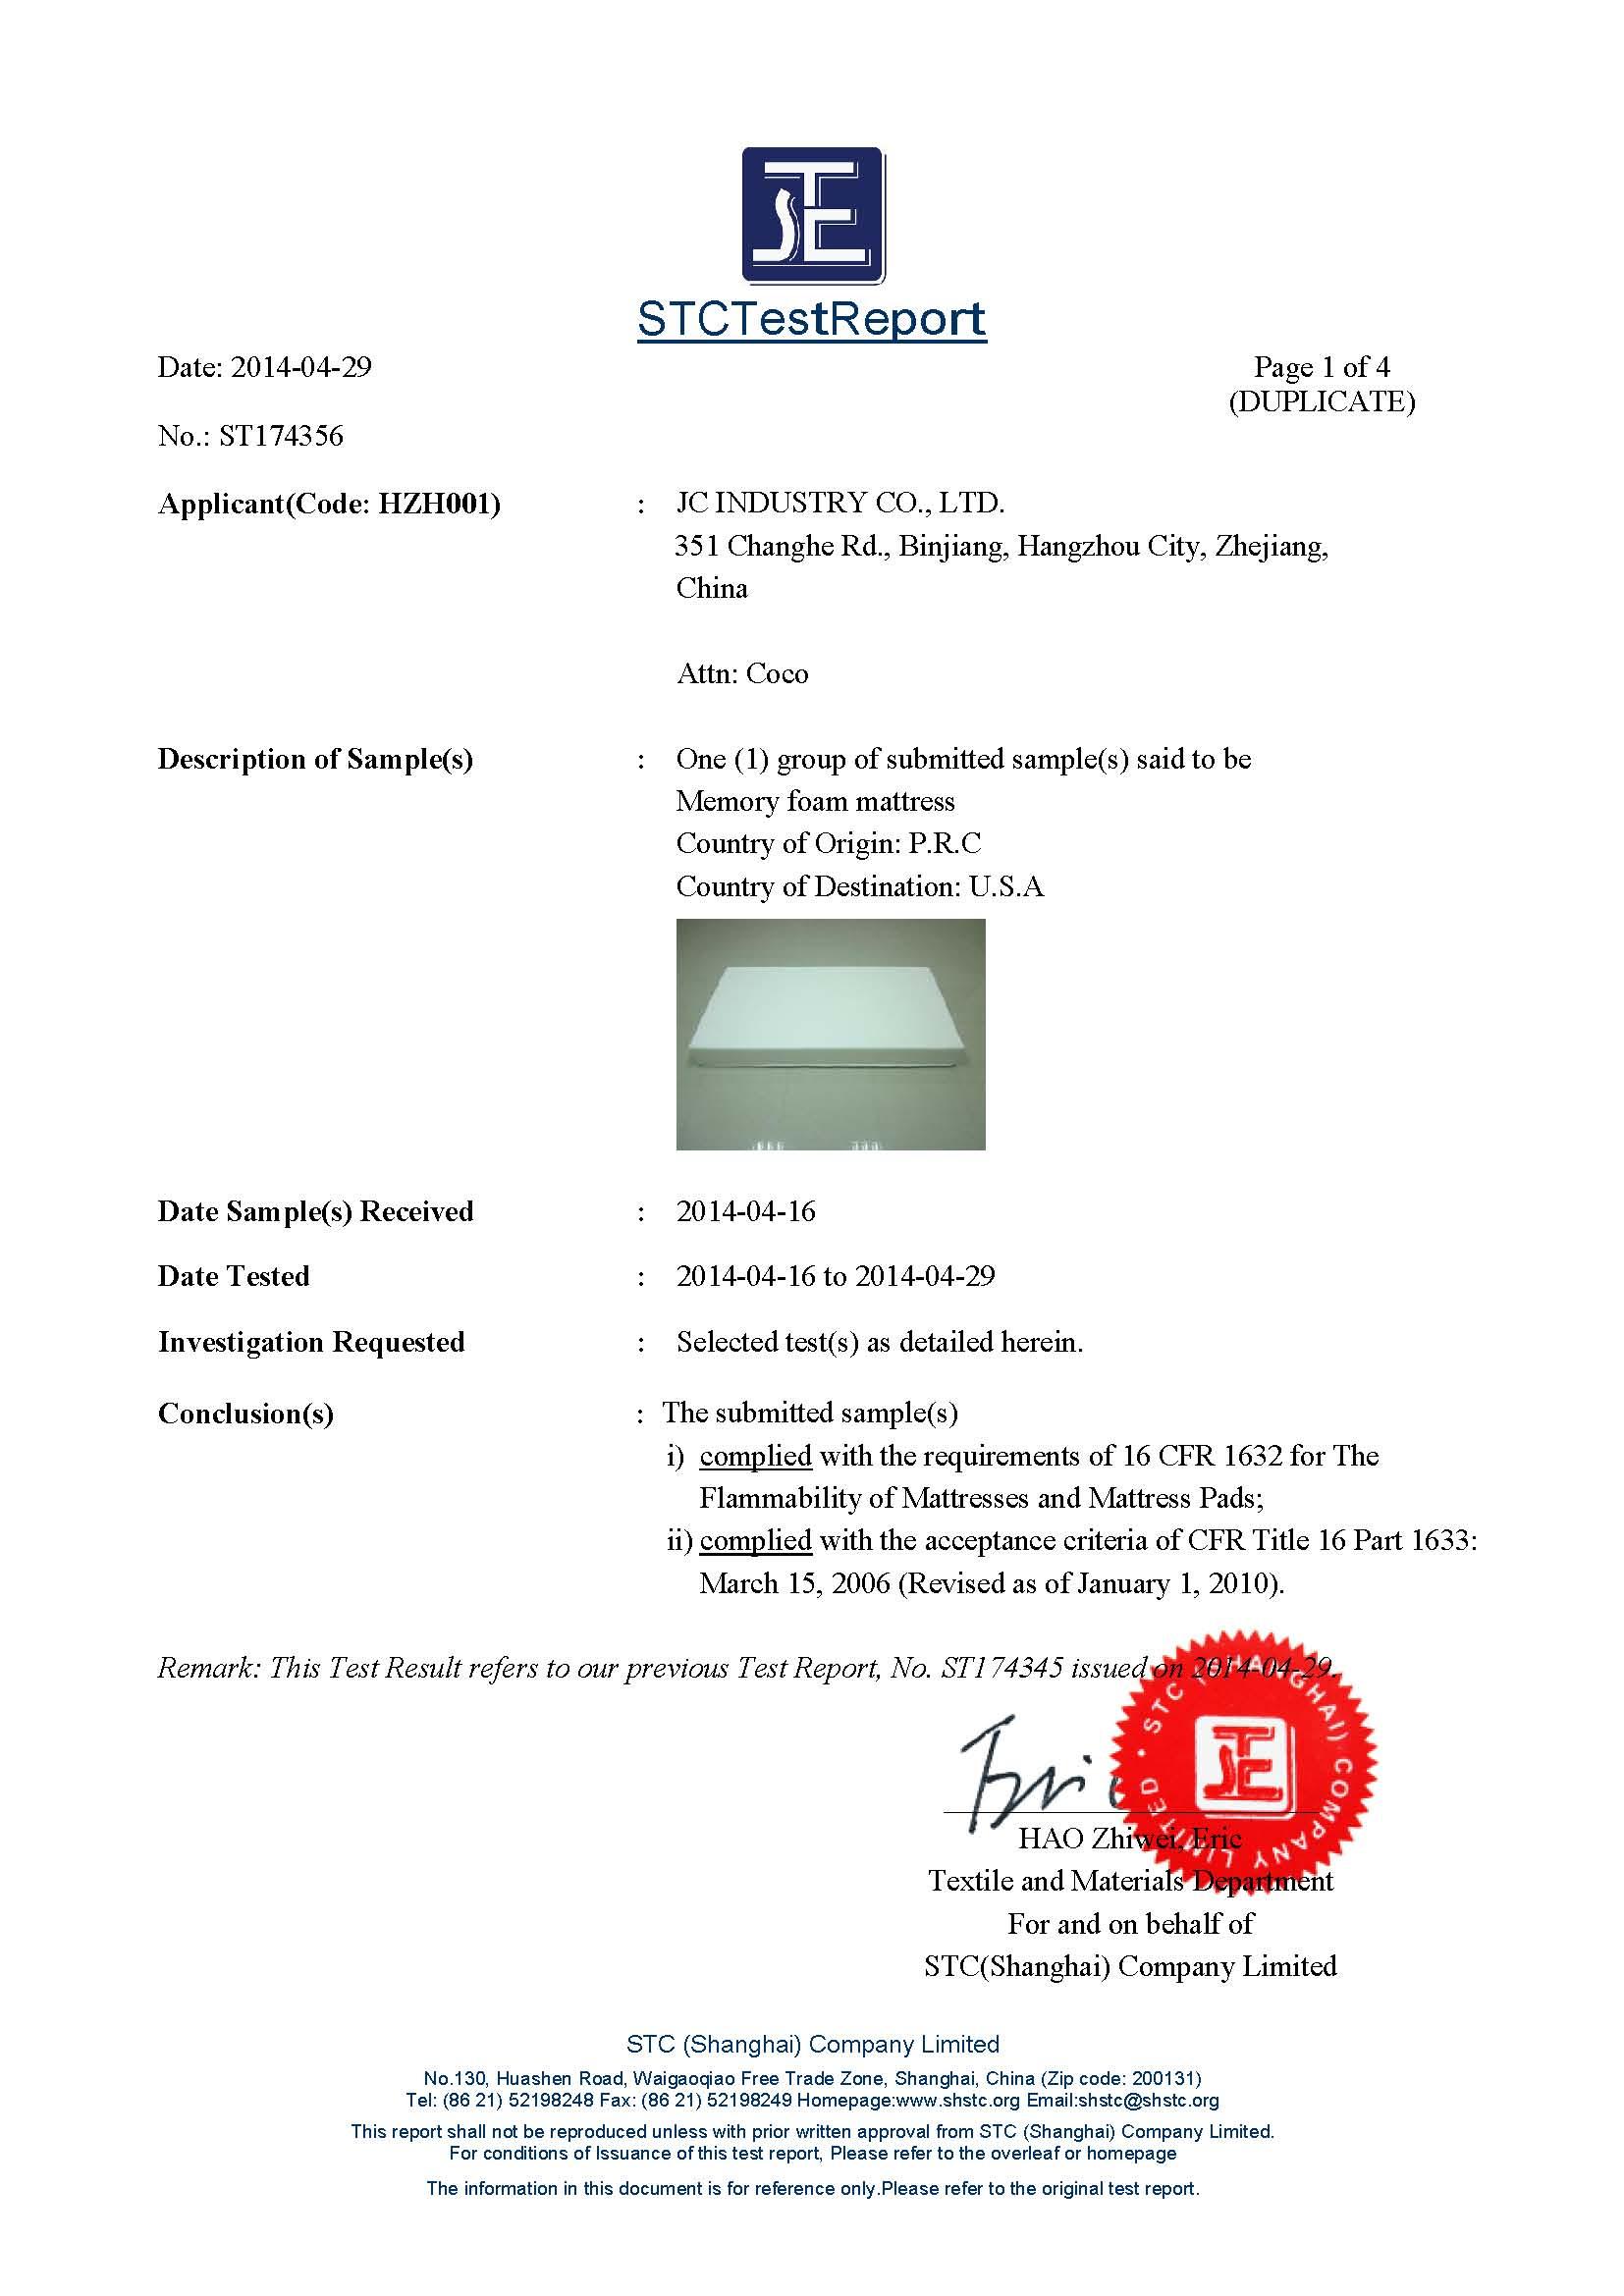 CFR 1633-1622 Certificate